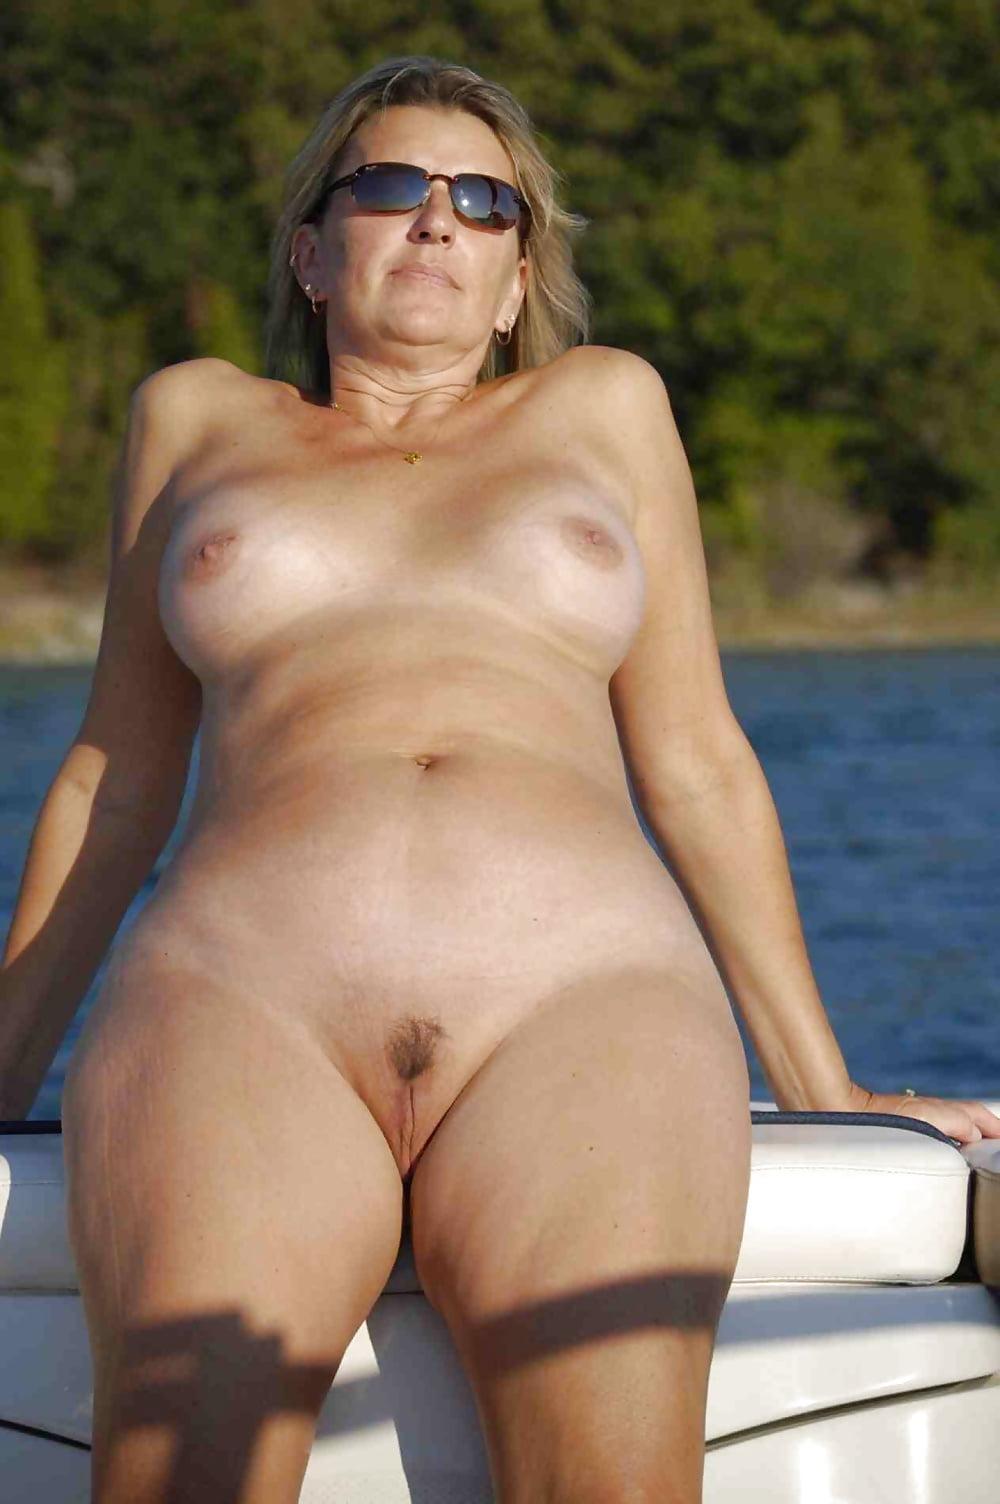 Eva andressa boobs